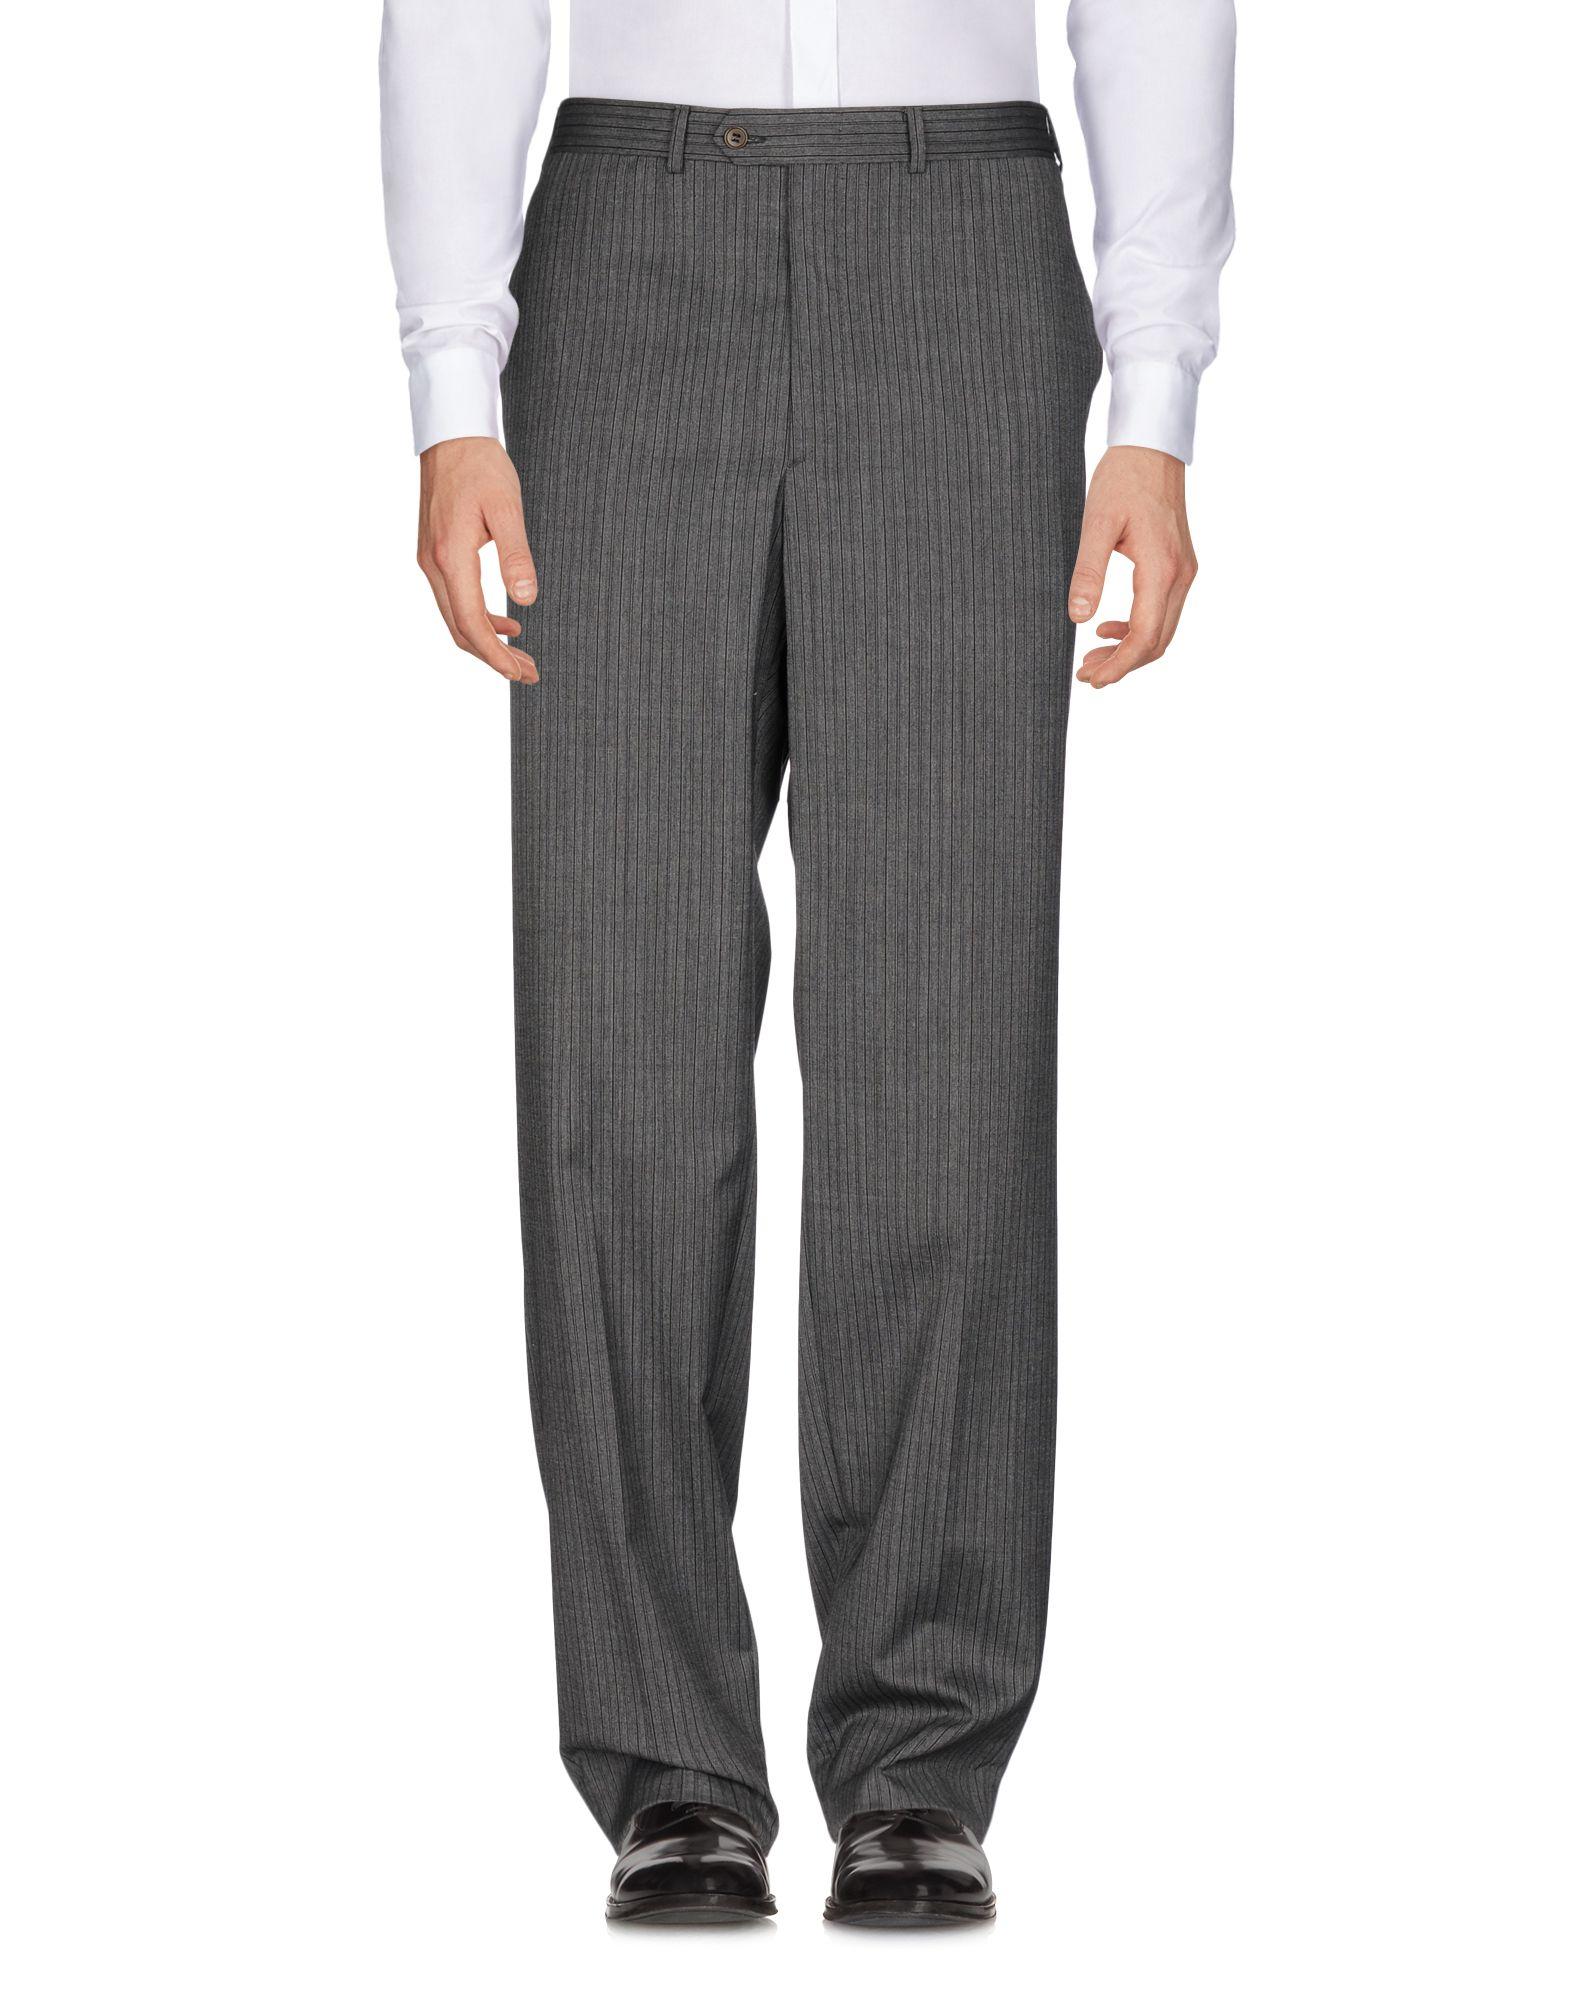 Pantalone Saint Laurent Uomo - Acquista online su